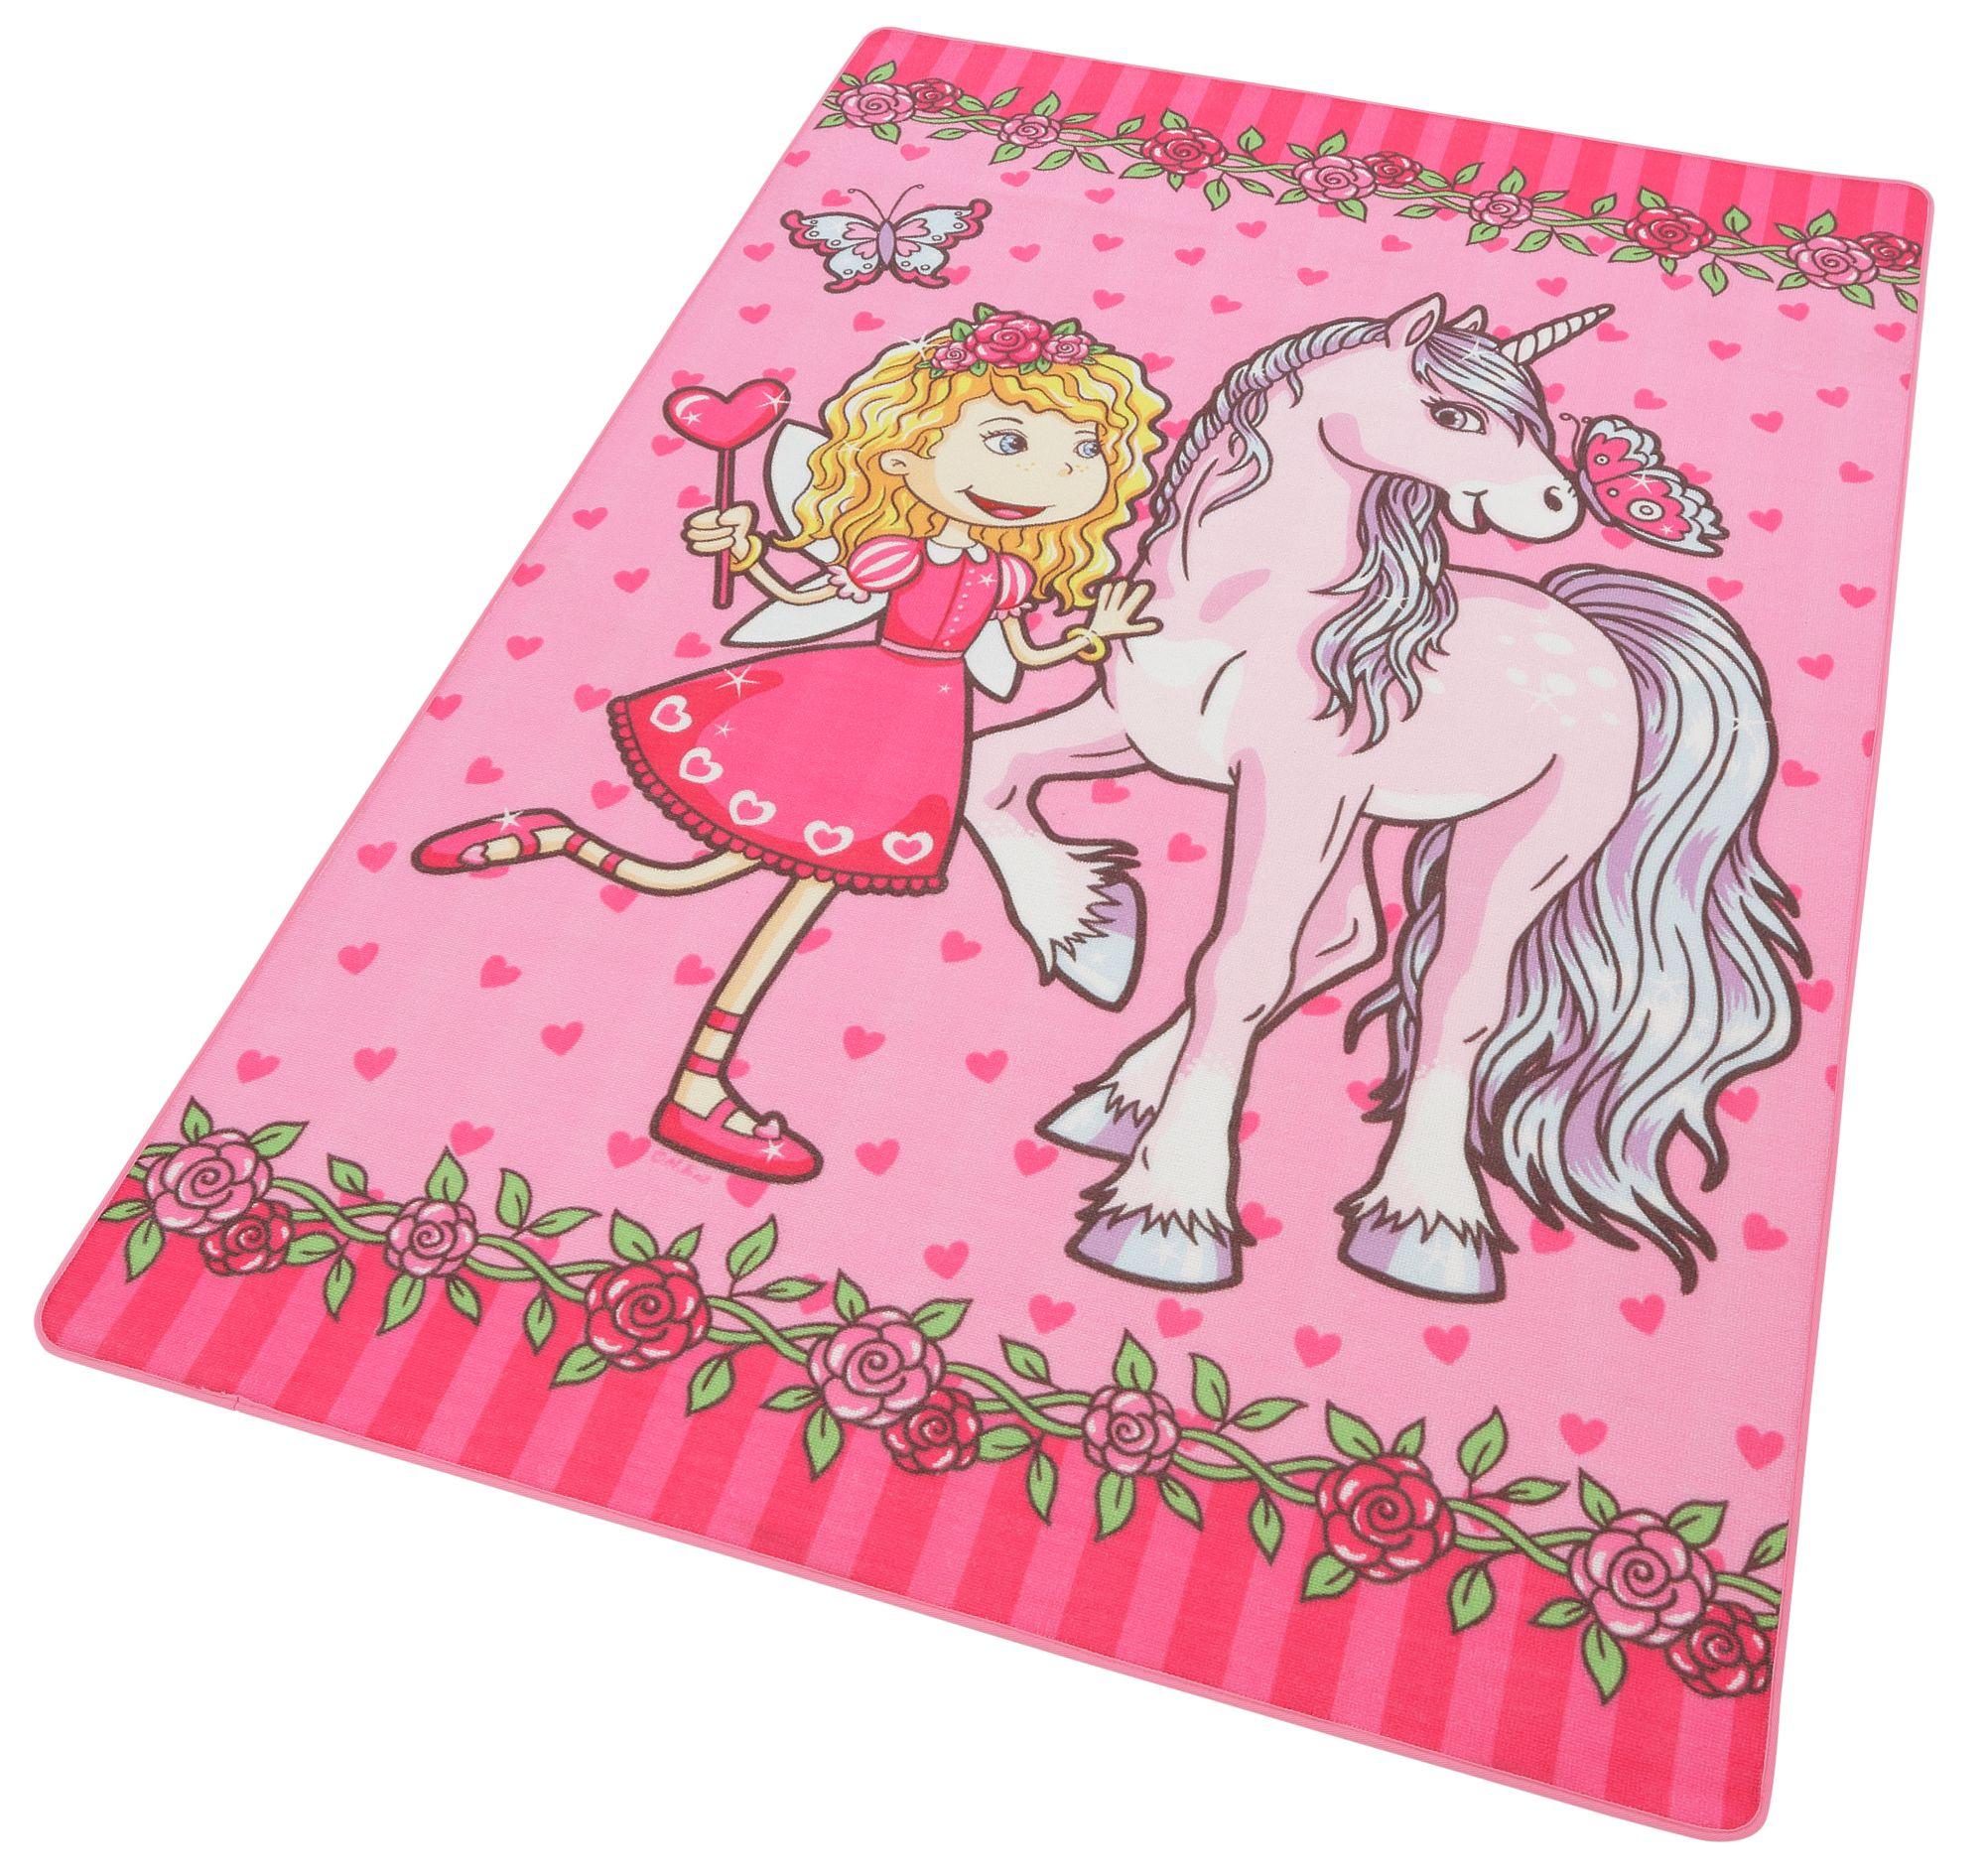 BÖING CARPET Kinder-Teppich, Böing Carpet, »Lovely Kids LK-9«